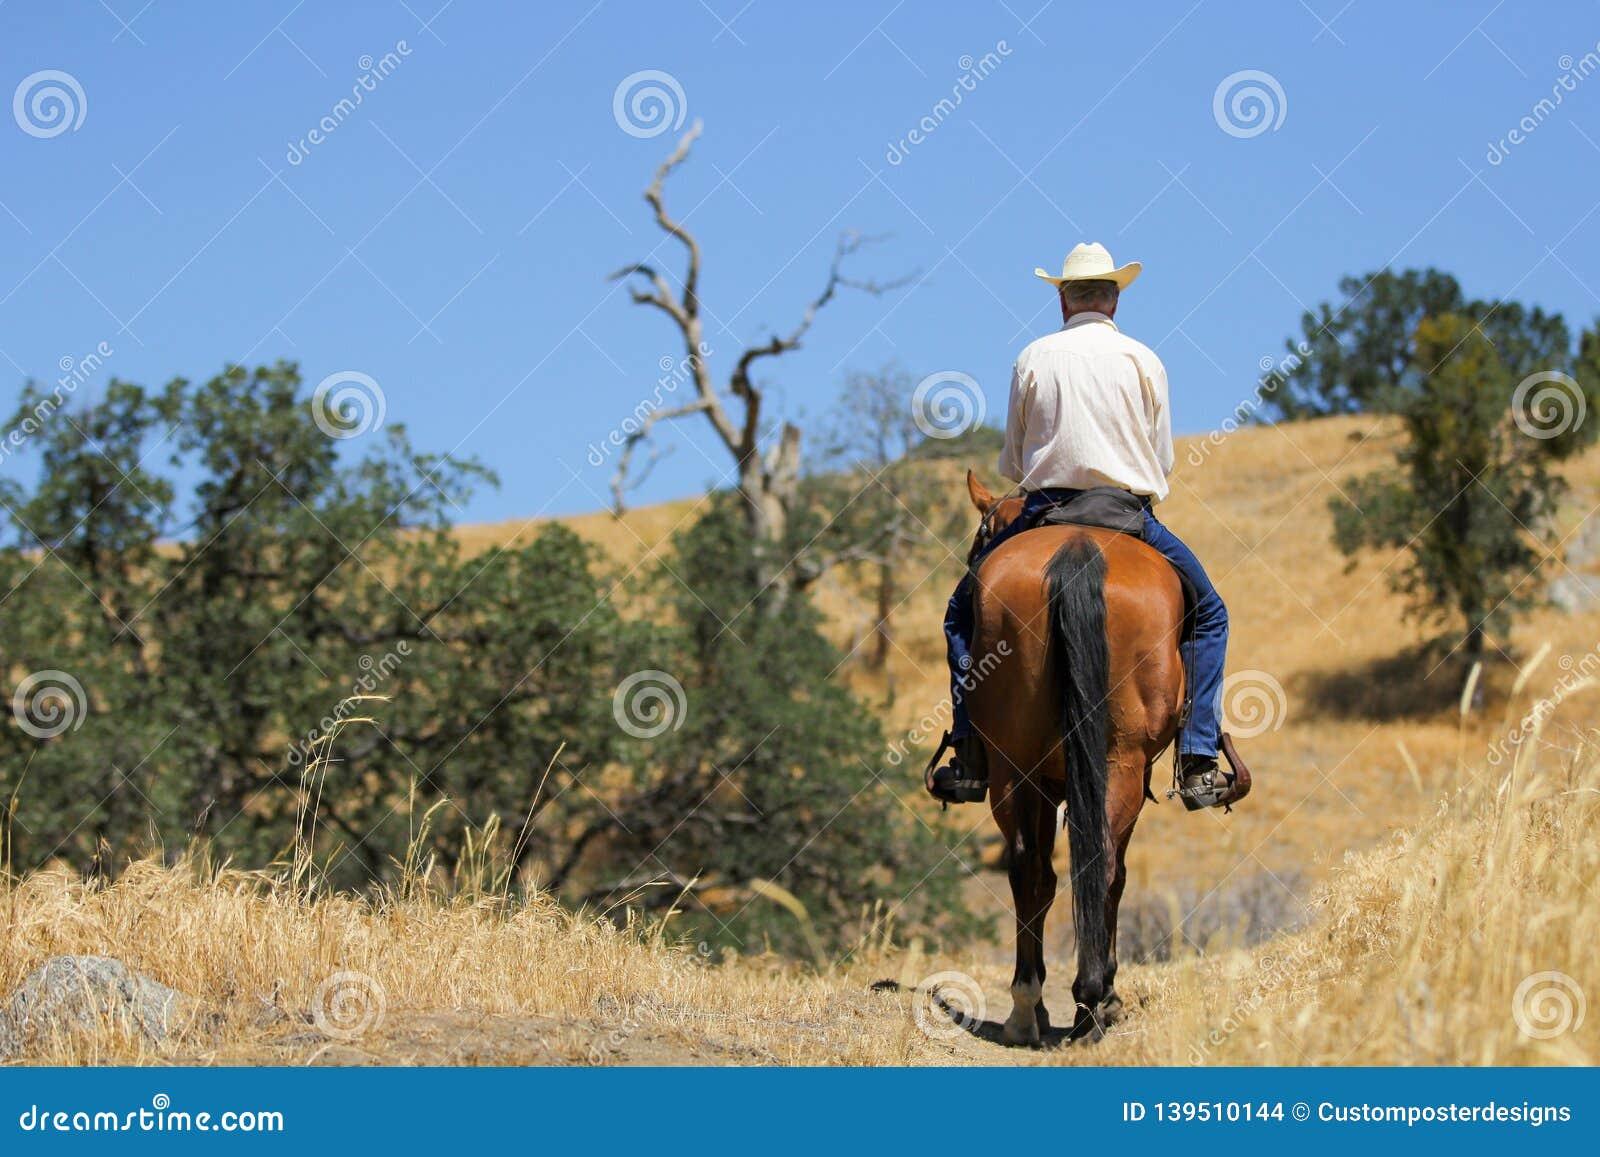 Лошадь и ковбой на горной тропе